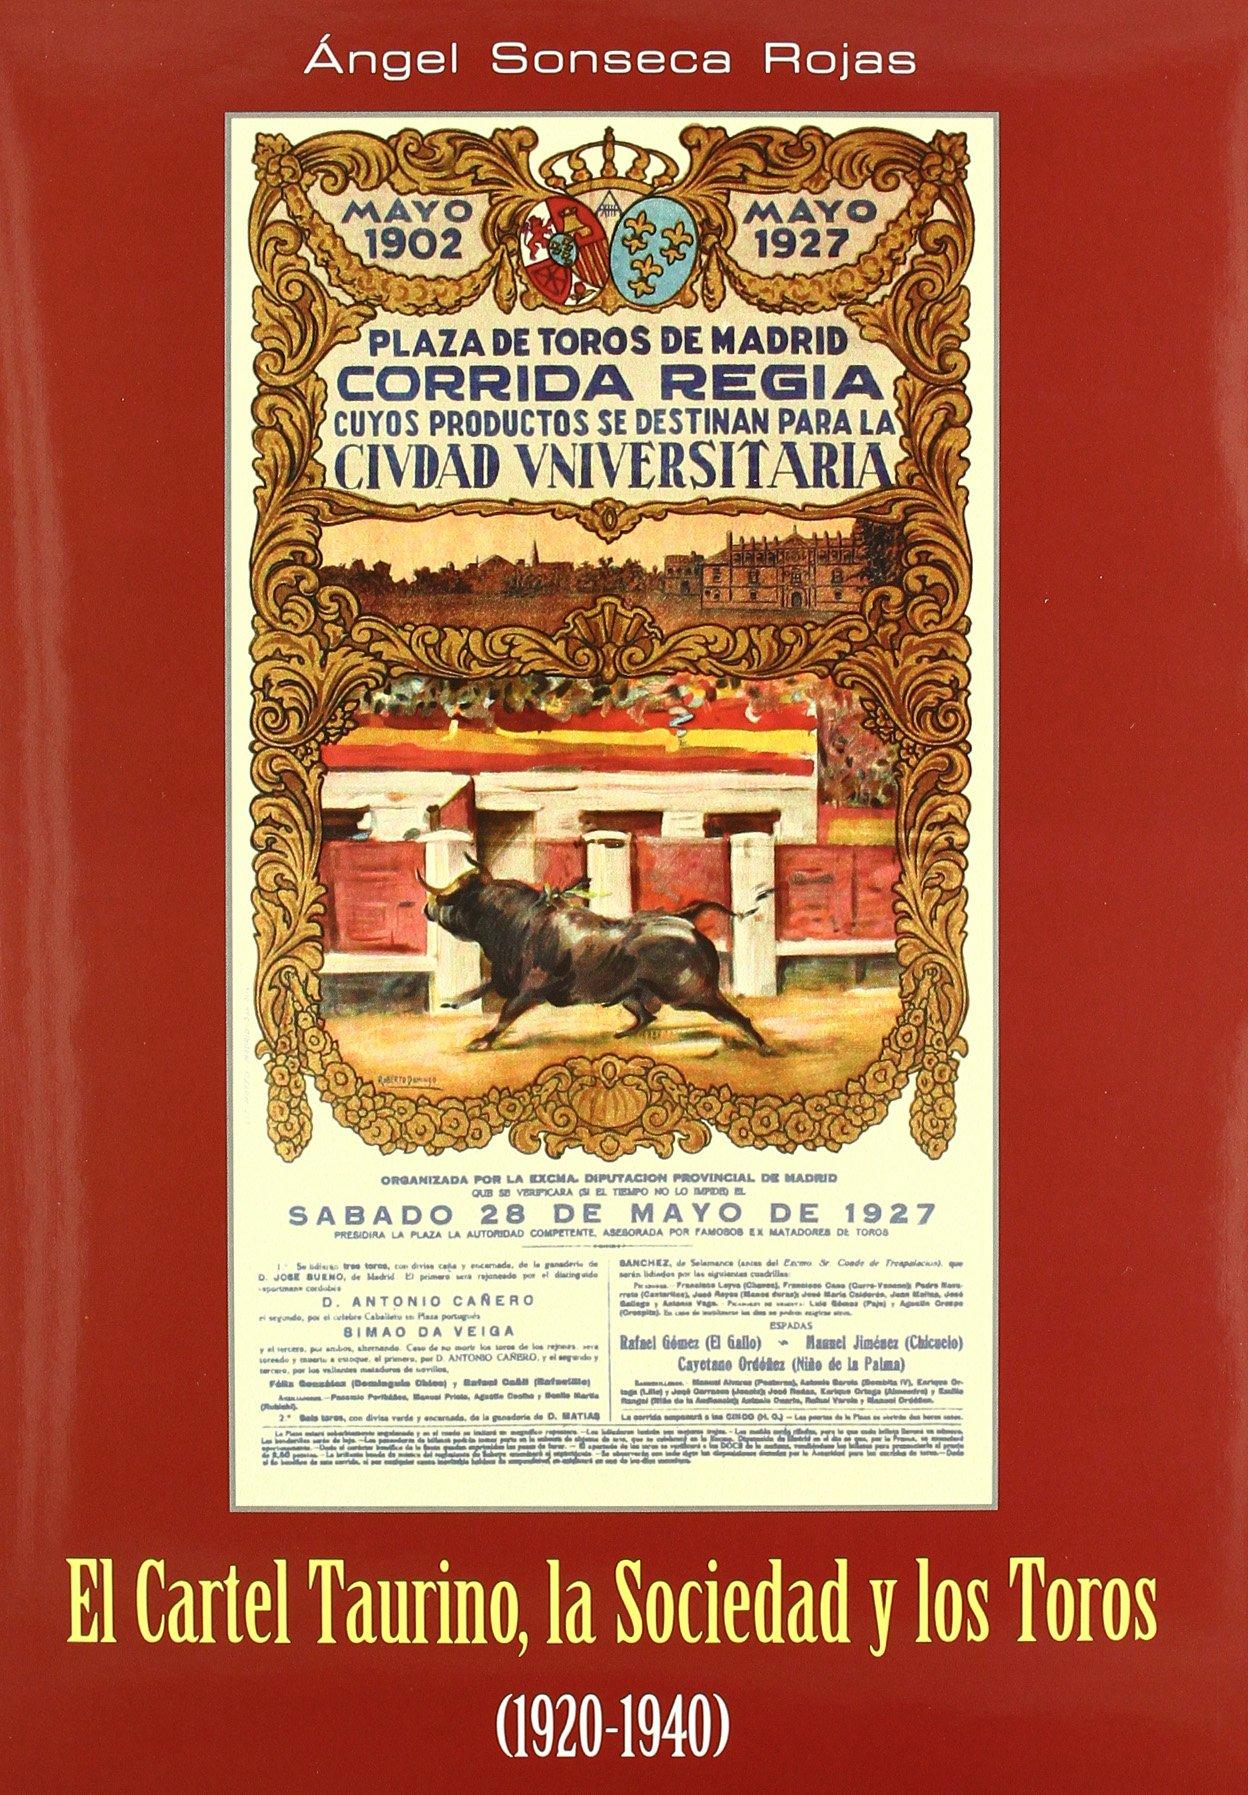 Cartel Taurino, 1920-1940 la Sociedad y Los Toros, El ...